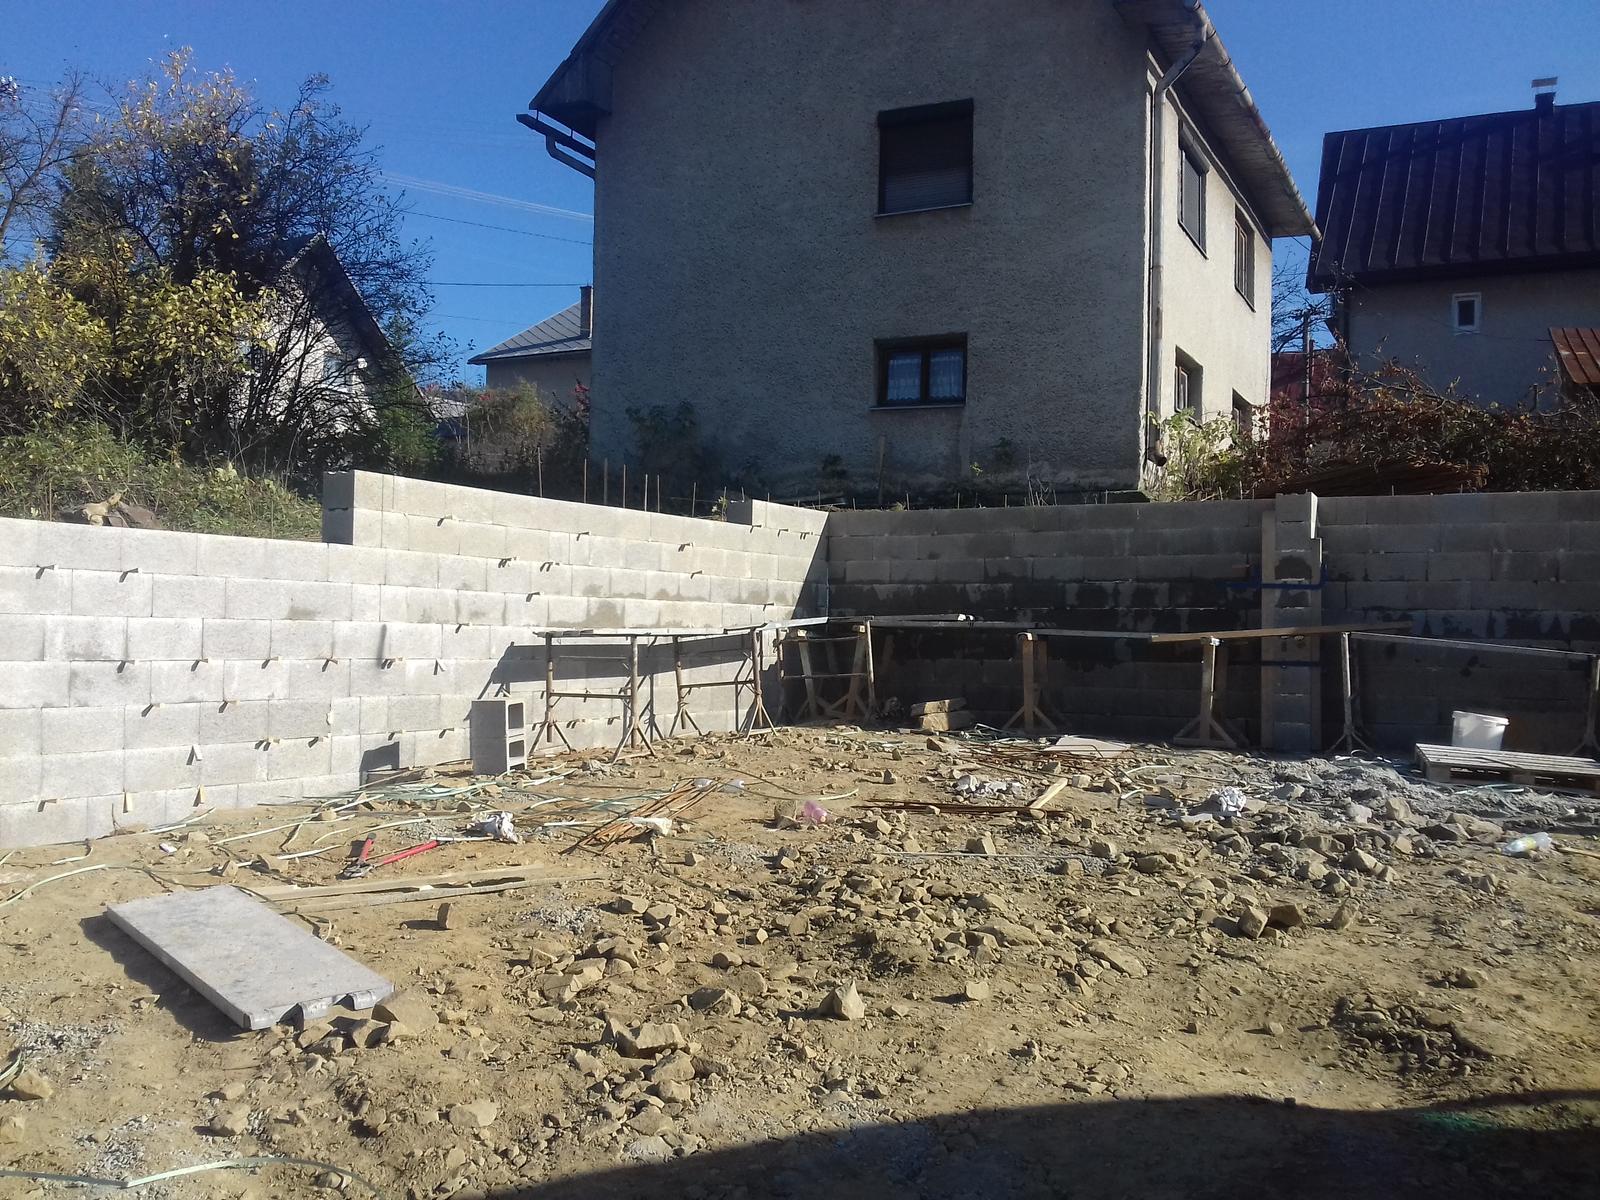 Najprv oporny mur a potom dom... - chyba nam poslednych 20 DT a na sklade uz nemali tak cakame do pondelka